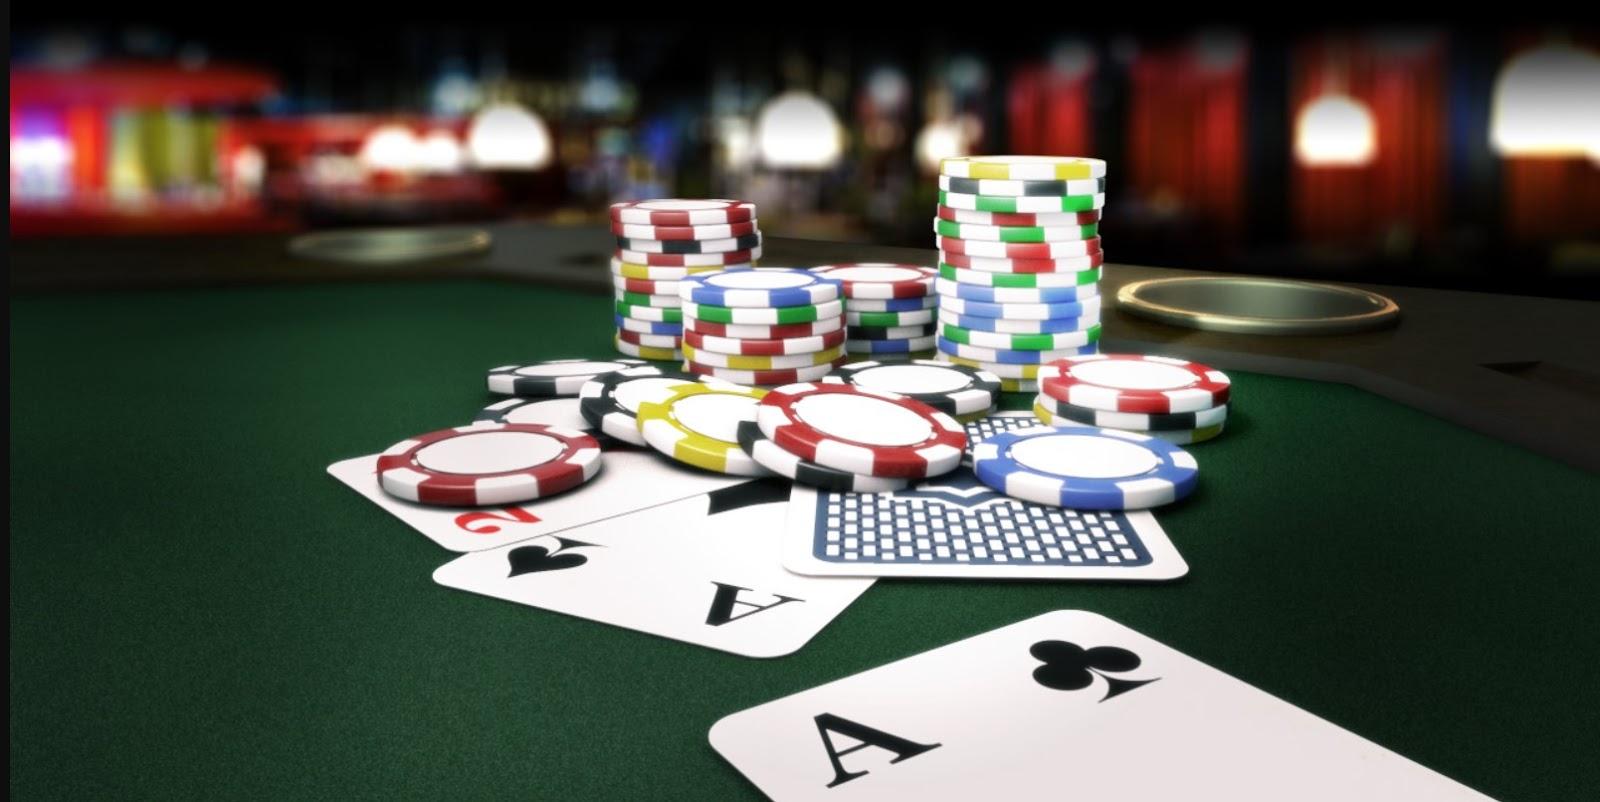 Покер онлайн игра для новичков играть в казино онлайн в игру халк